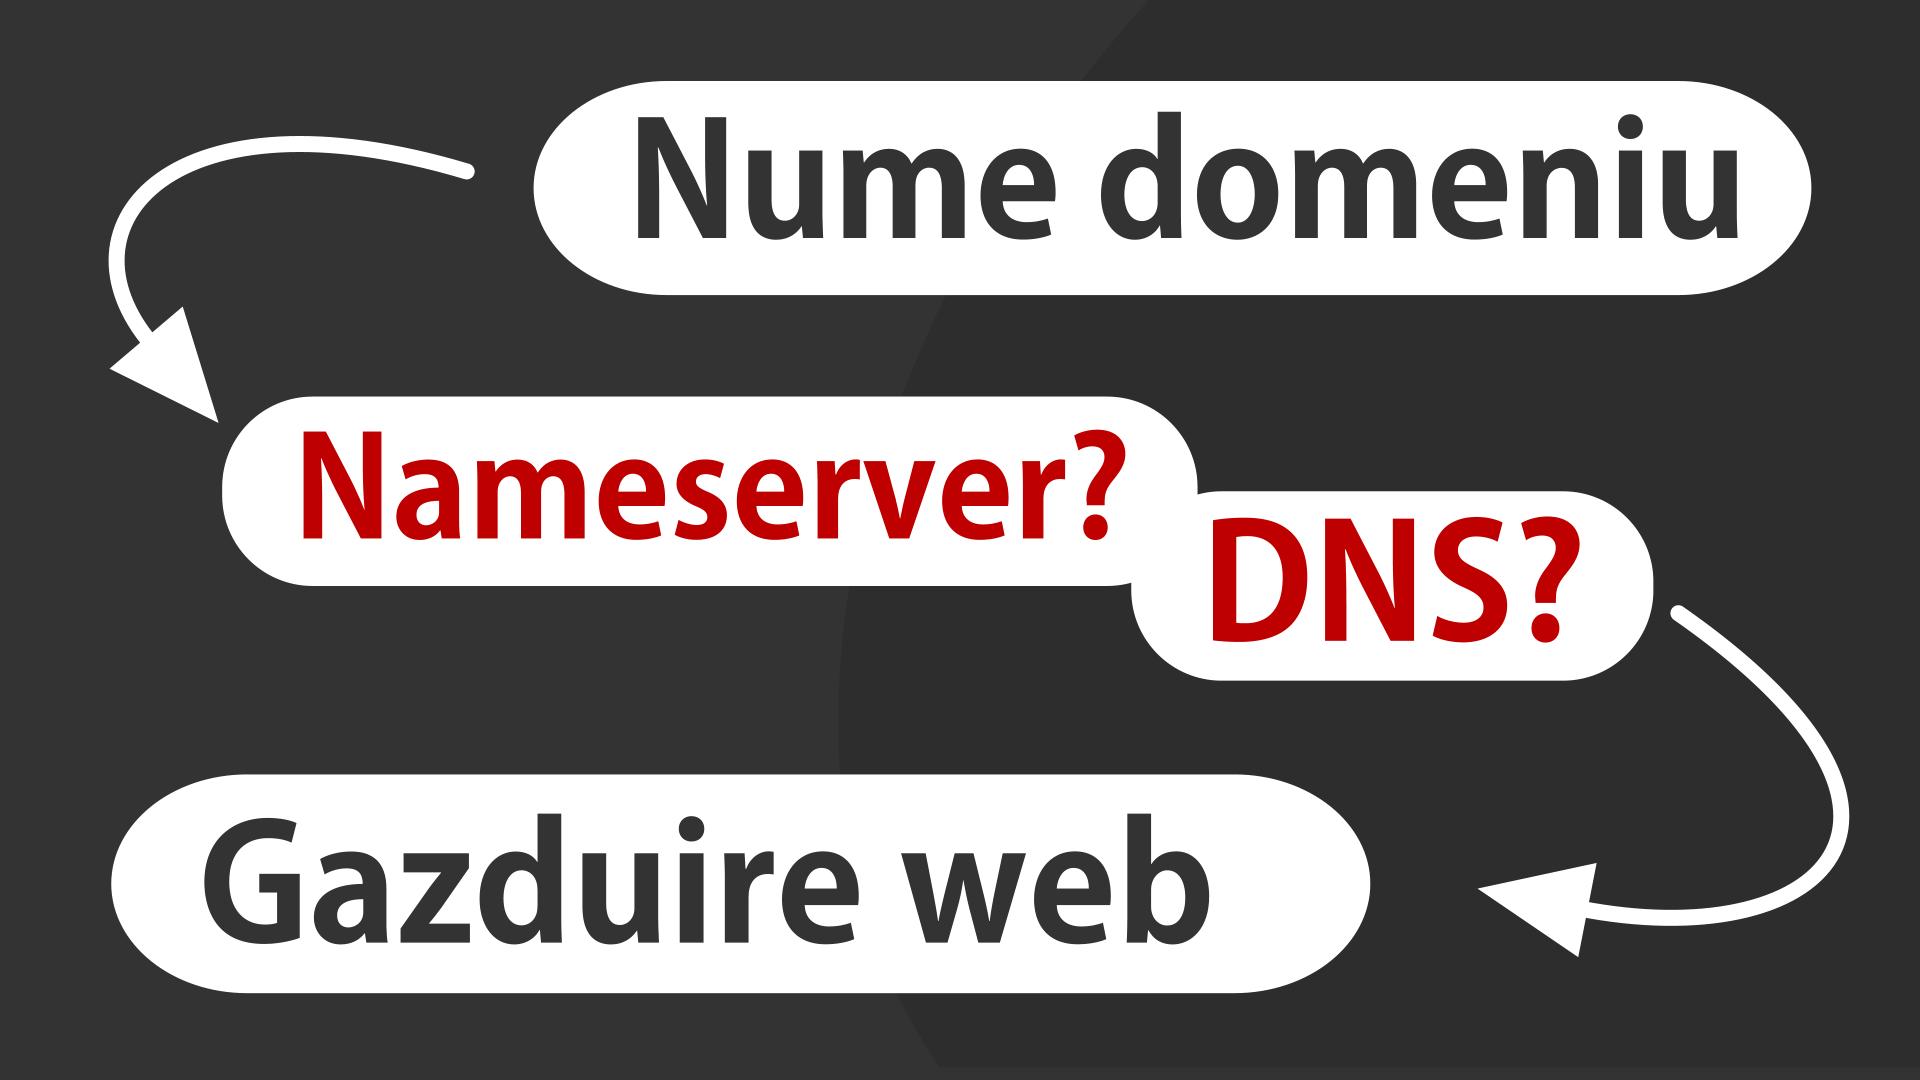 Ce este DNS-ul și nameserverele? Ce rol au acestea în website-ul meu?